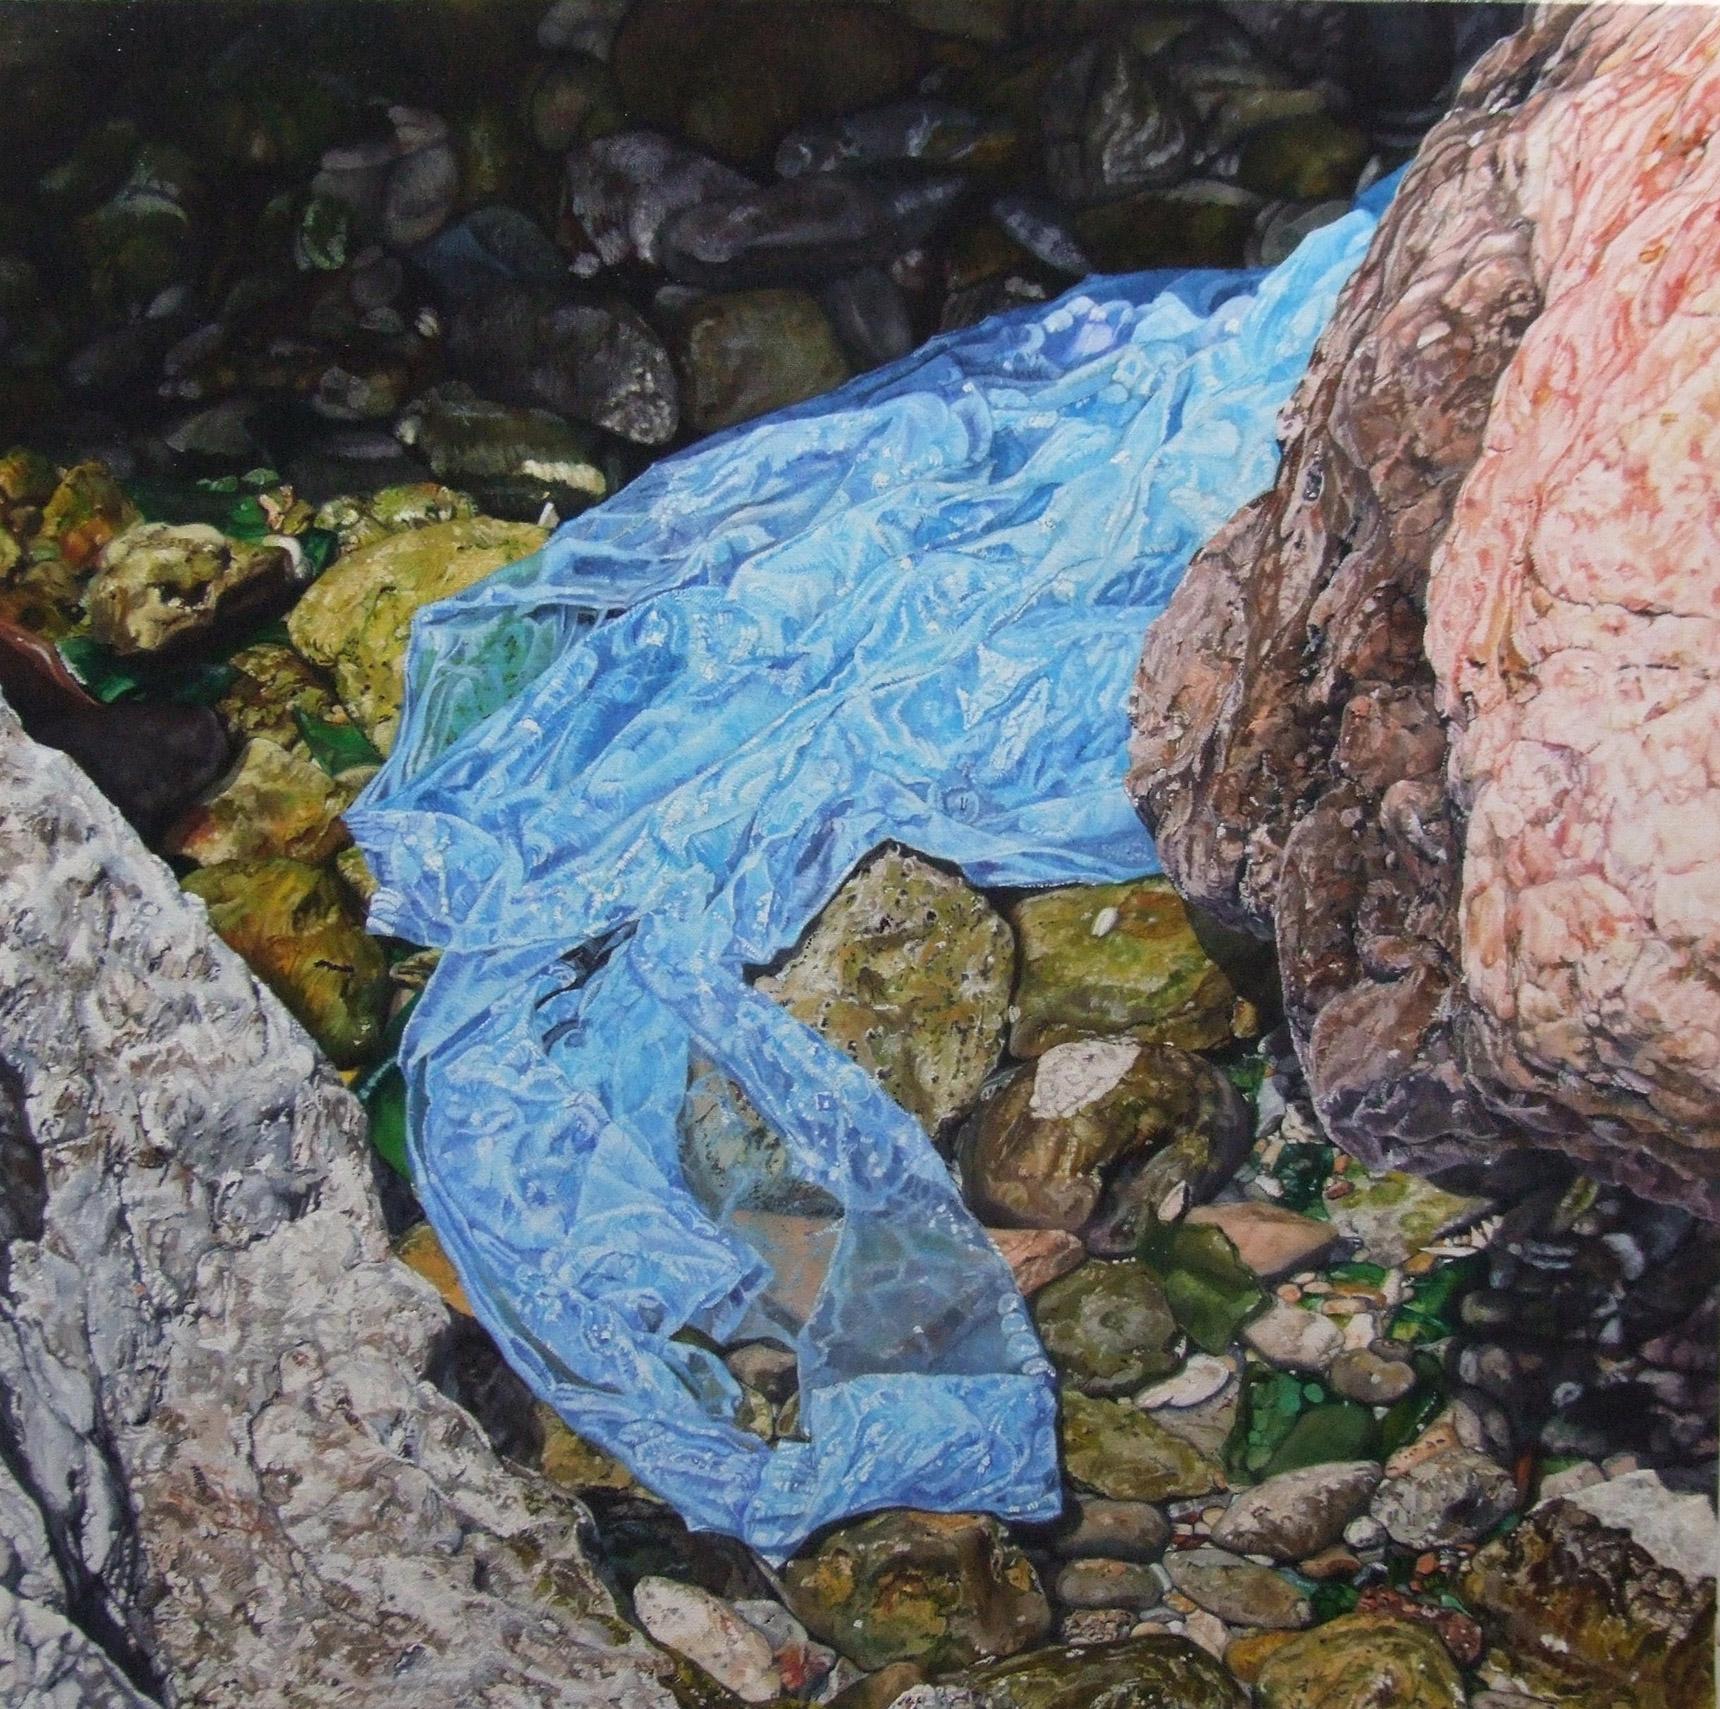 Peinture hyperréalisme Hervé Bernard : Social Cortex with a Wave